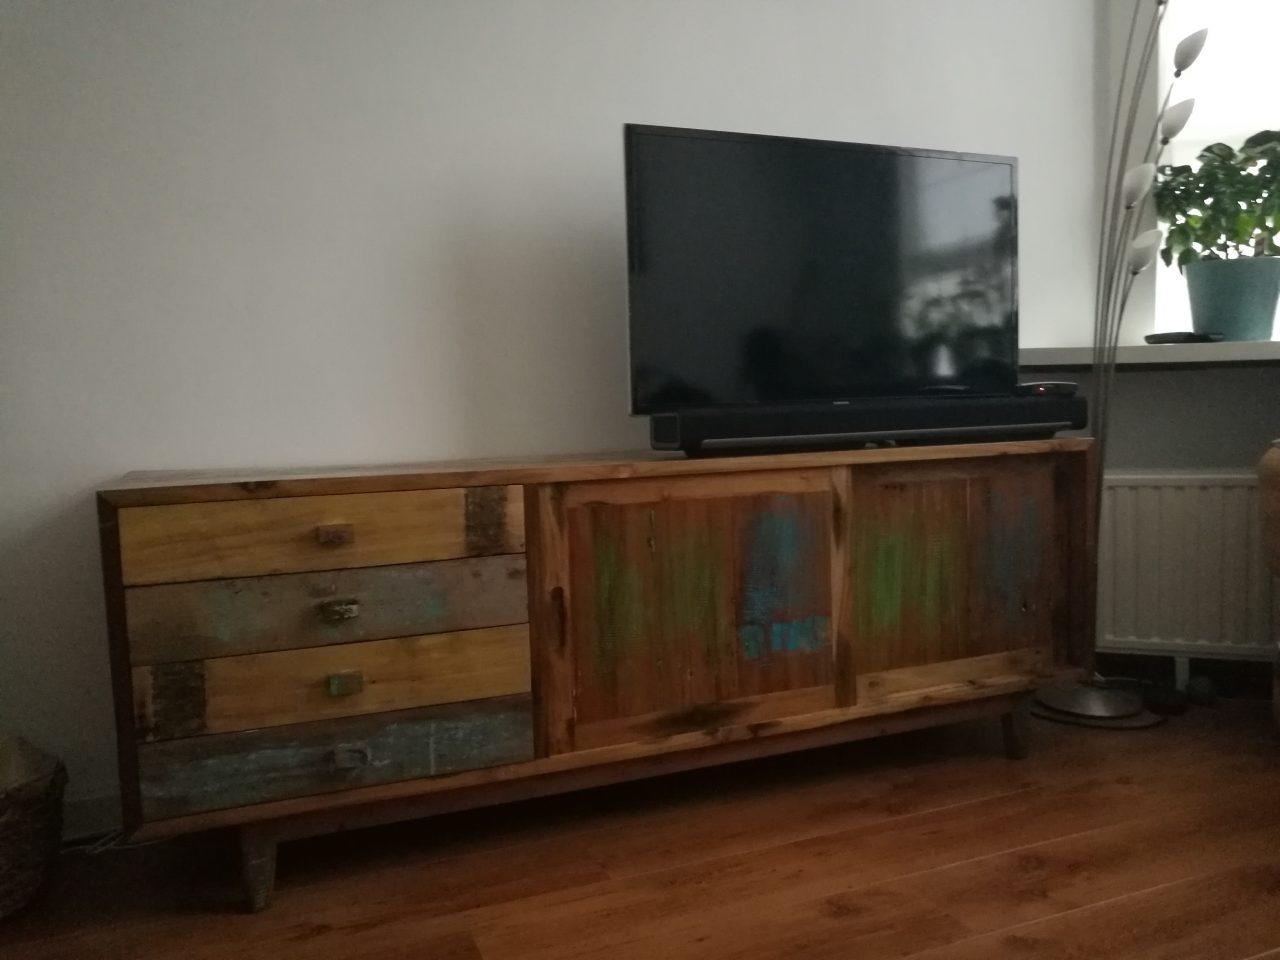 origineel dressoir van gekleurd sloophout